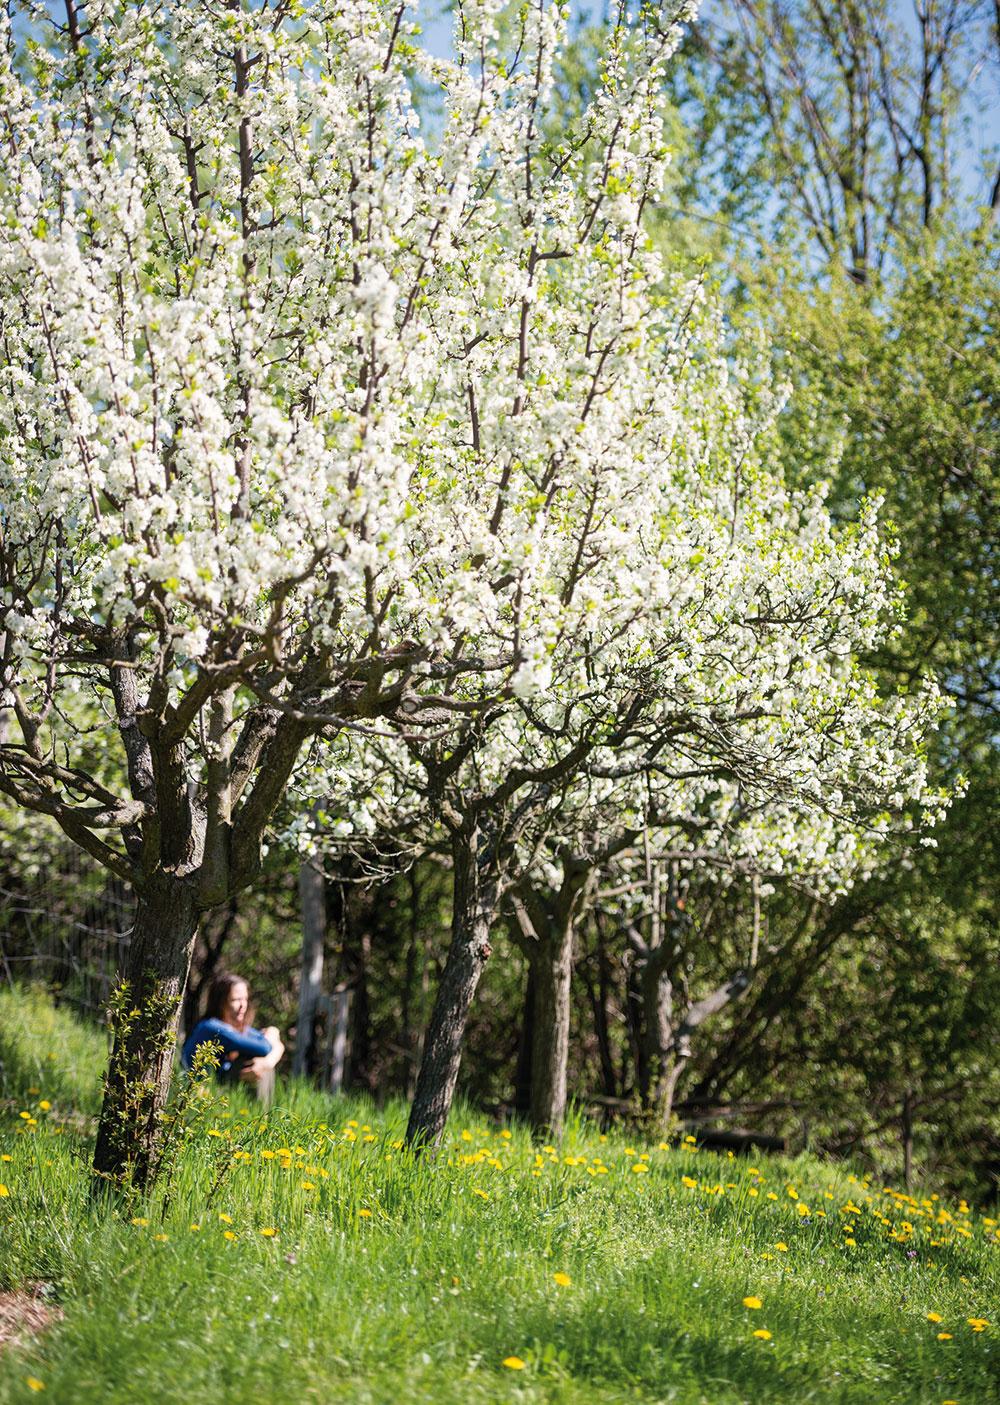 """Ovocný sad. """"Údržba stromov akríkov nie je náročná avporovnaní suhladeným anglickým trávnikom je aj podstatne jednoduchšia aprotihodnota vpodobe sladkých plodov je na nezaplatenie."""" Zuzana Matúšová"""